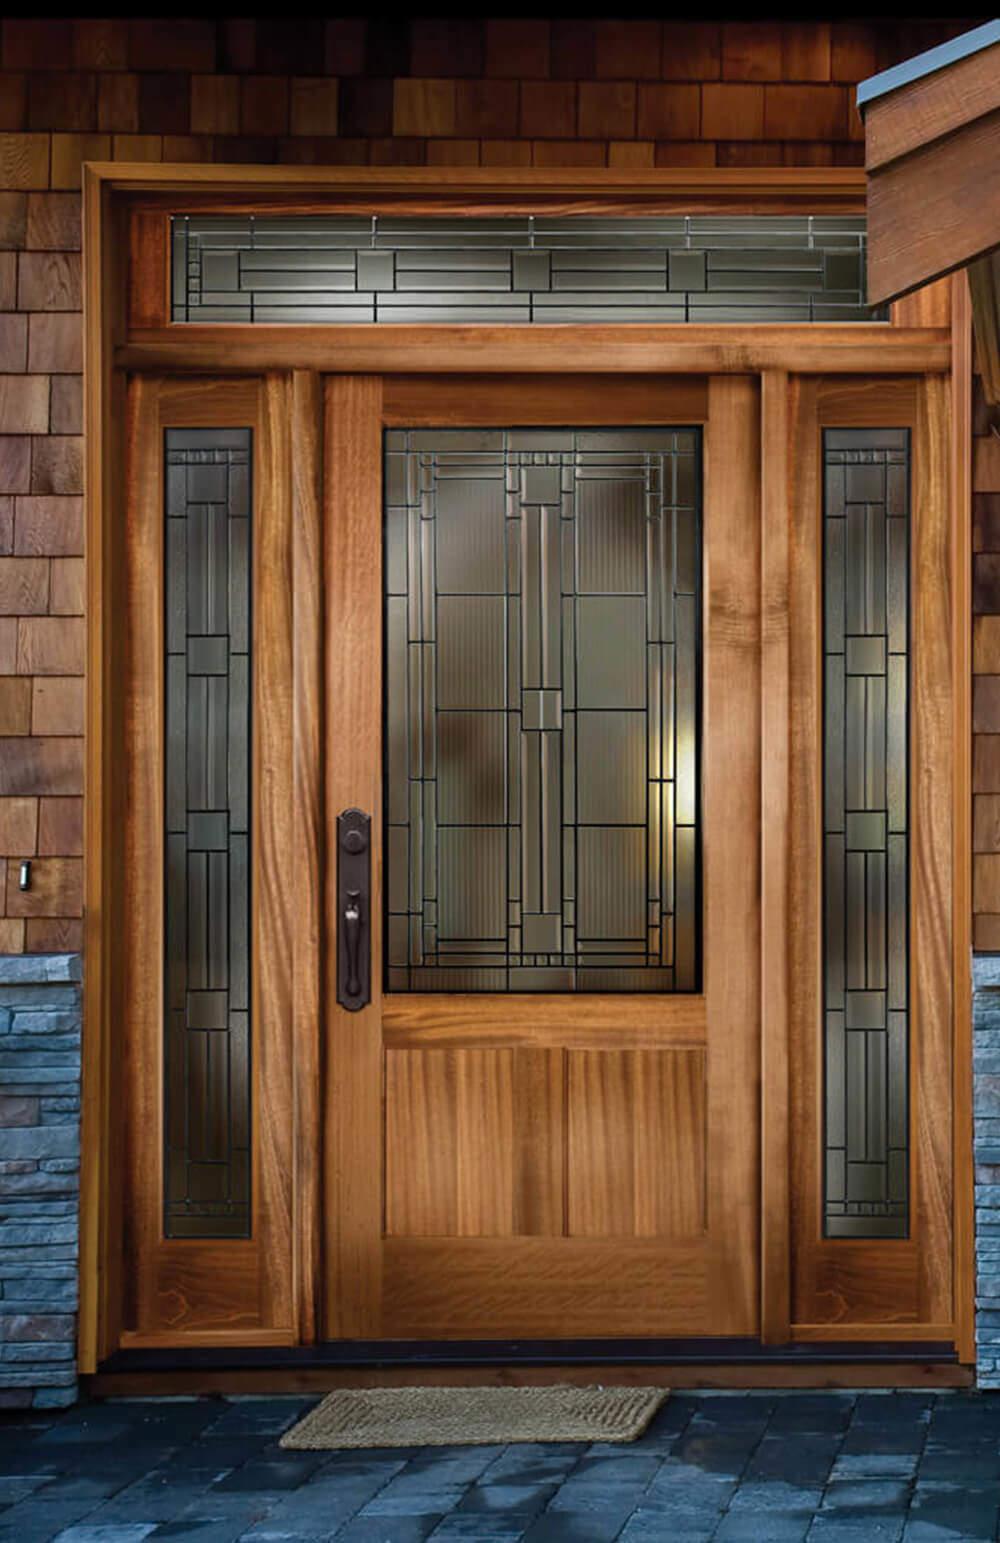 fir and wood double ideas idea interior bifold simpson design gallery in doors door shown